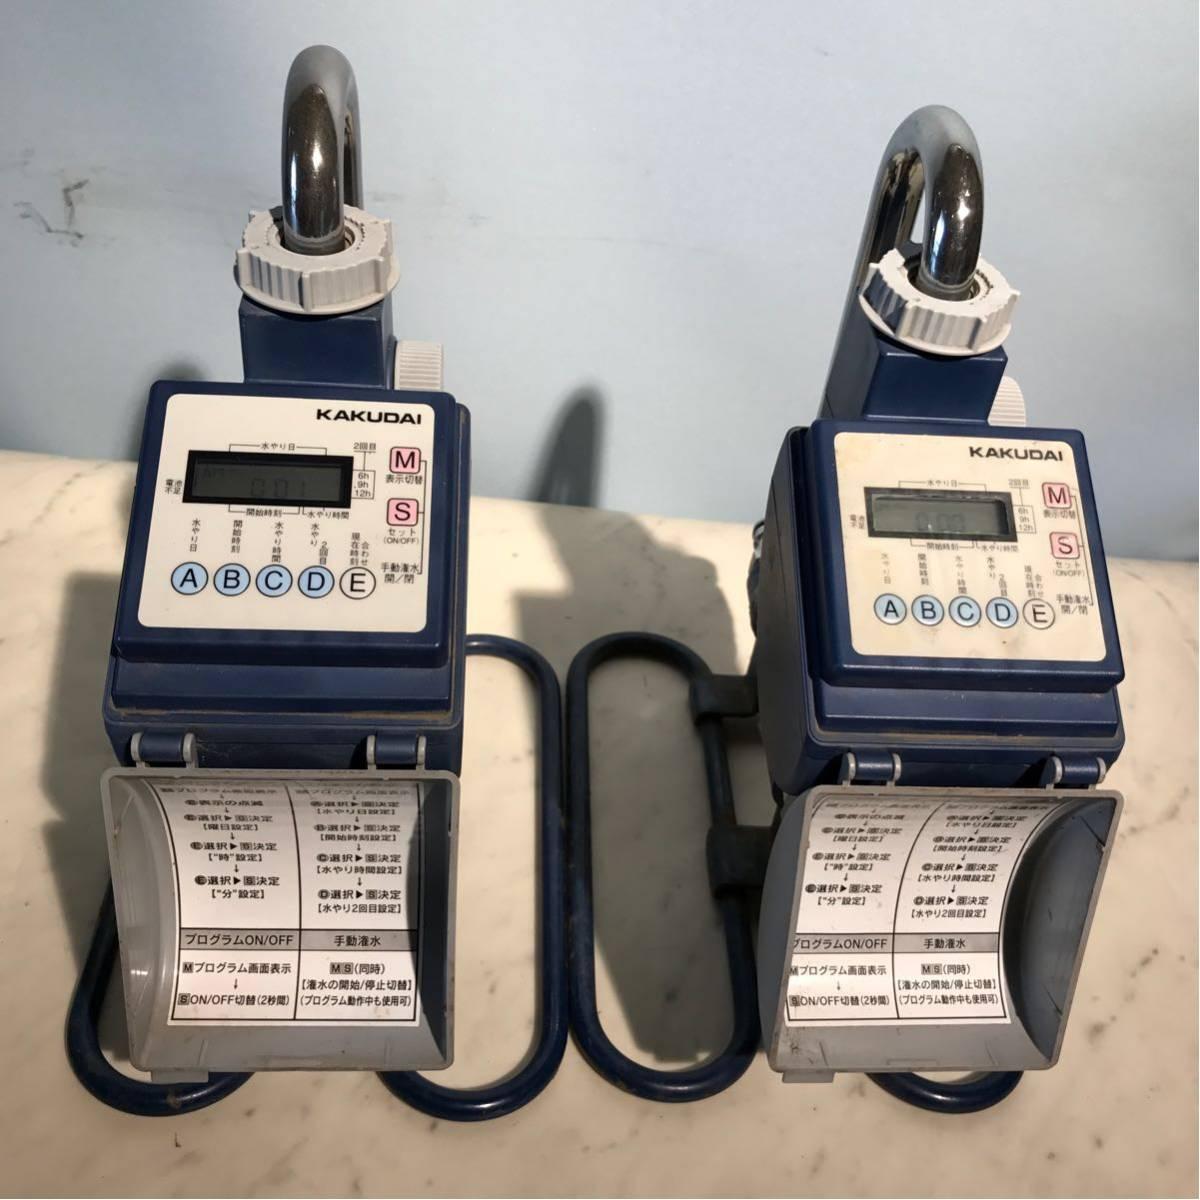 R91★ KAKUDAI カクダイ 潅水コンピュータージュニア 散水 水やり 自動 タイマー 電池式